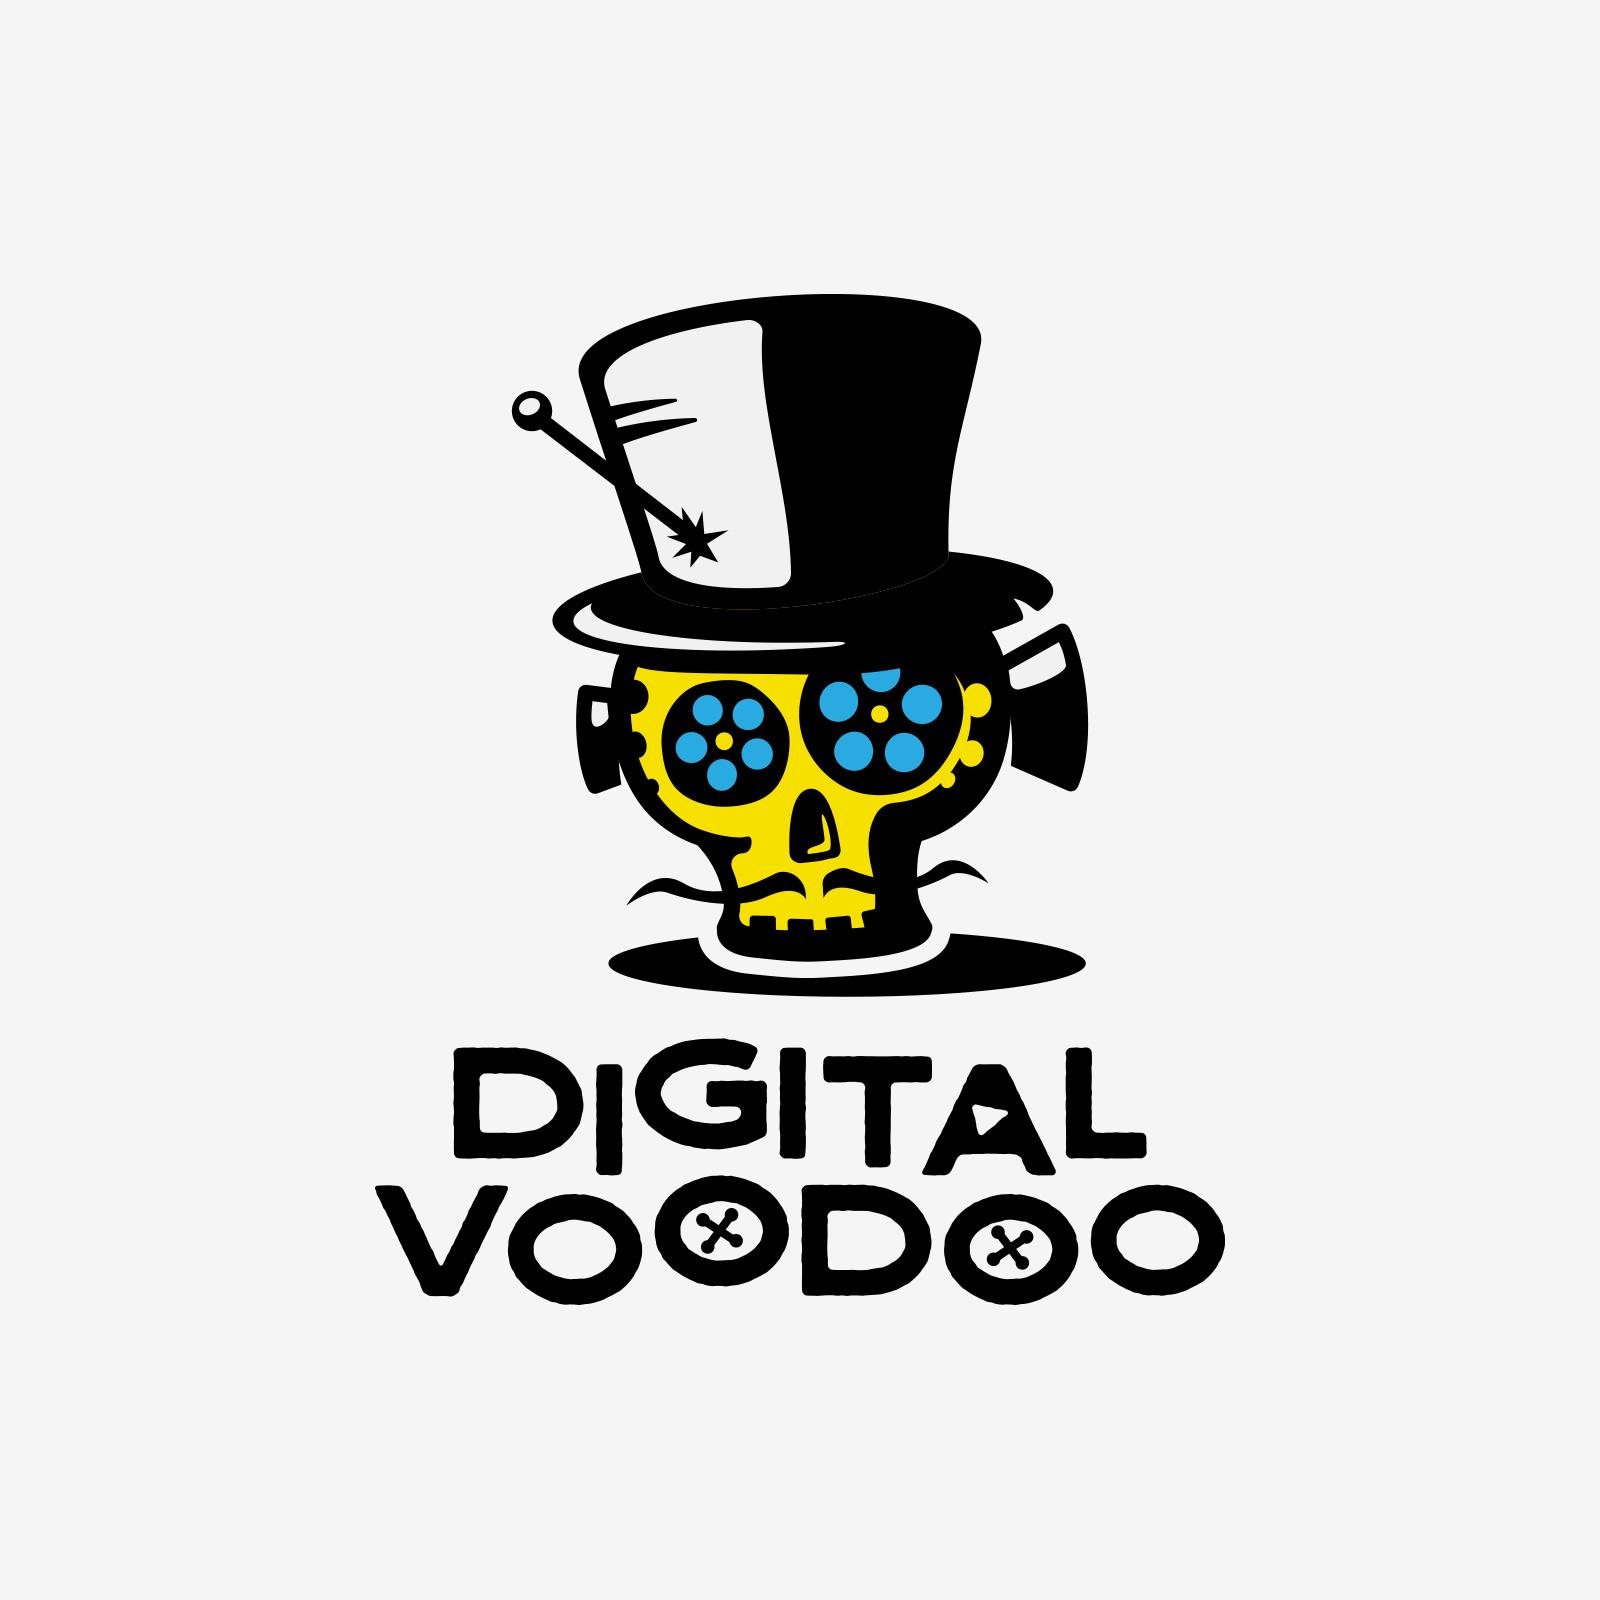 Logo design proposal for Digital Voodoo